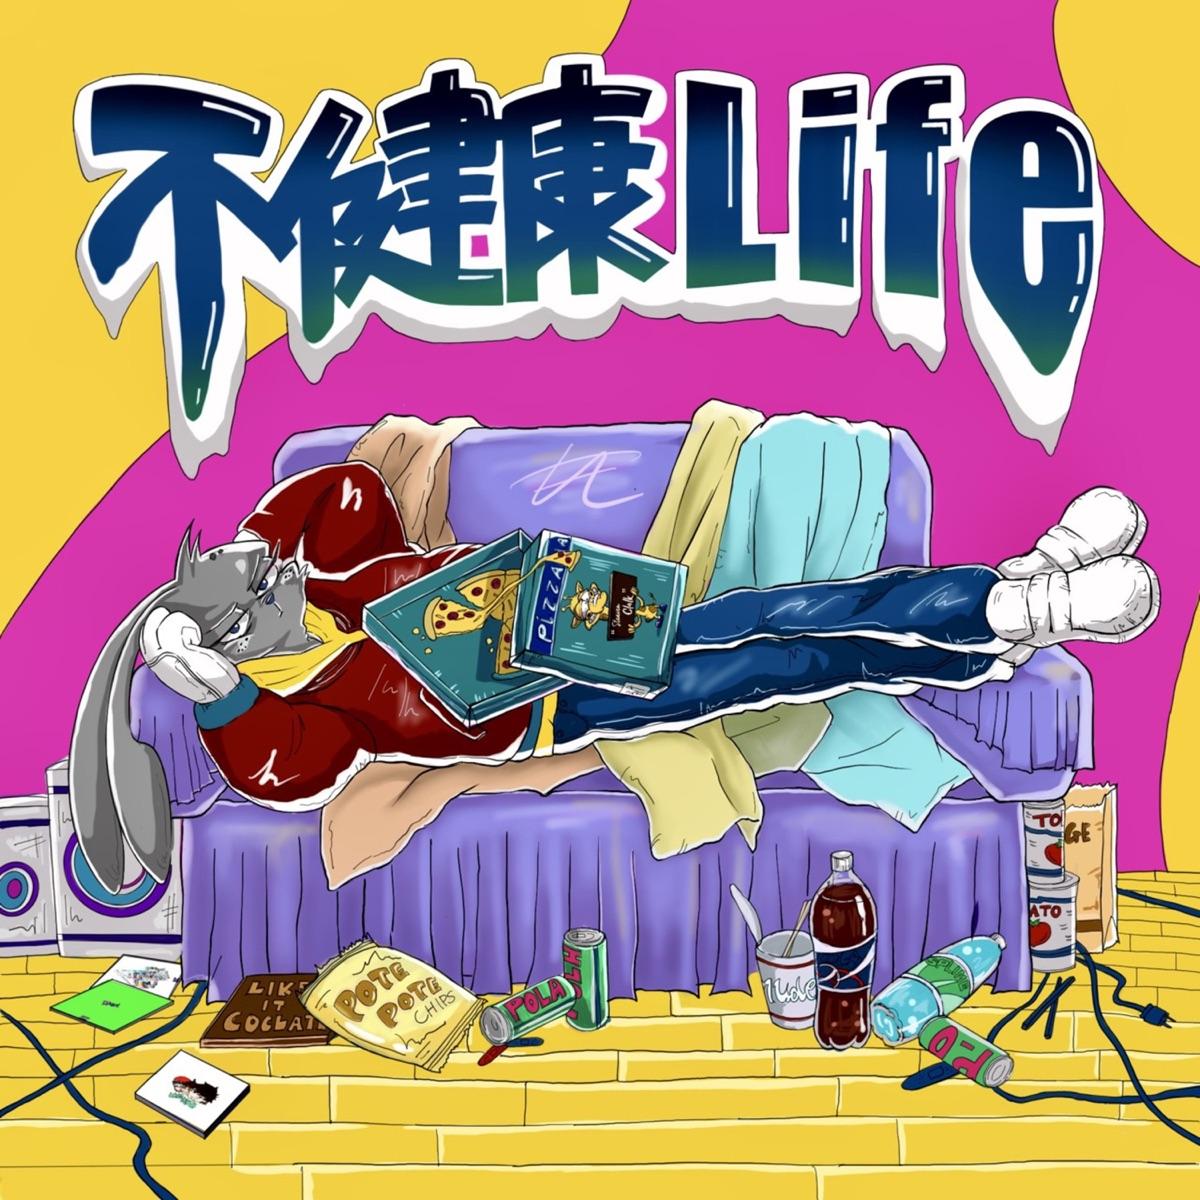 『YOSHIKI EZAKI - 不健康Life』収録の『不健康Life』ジャケット